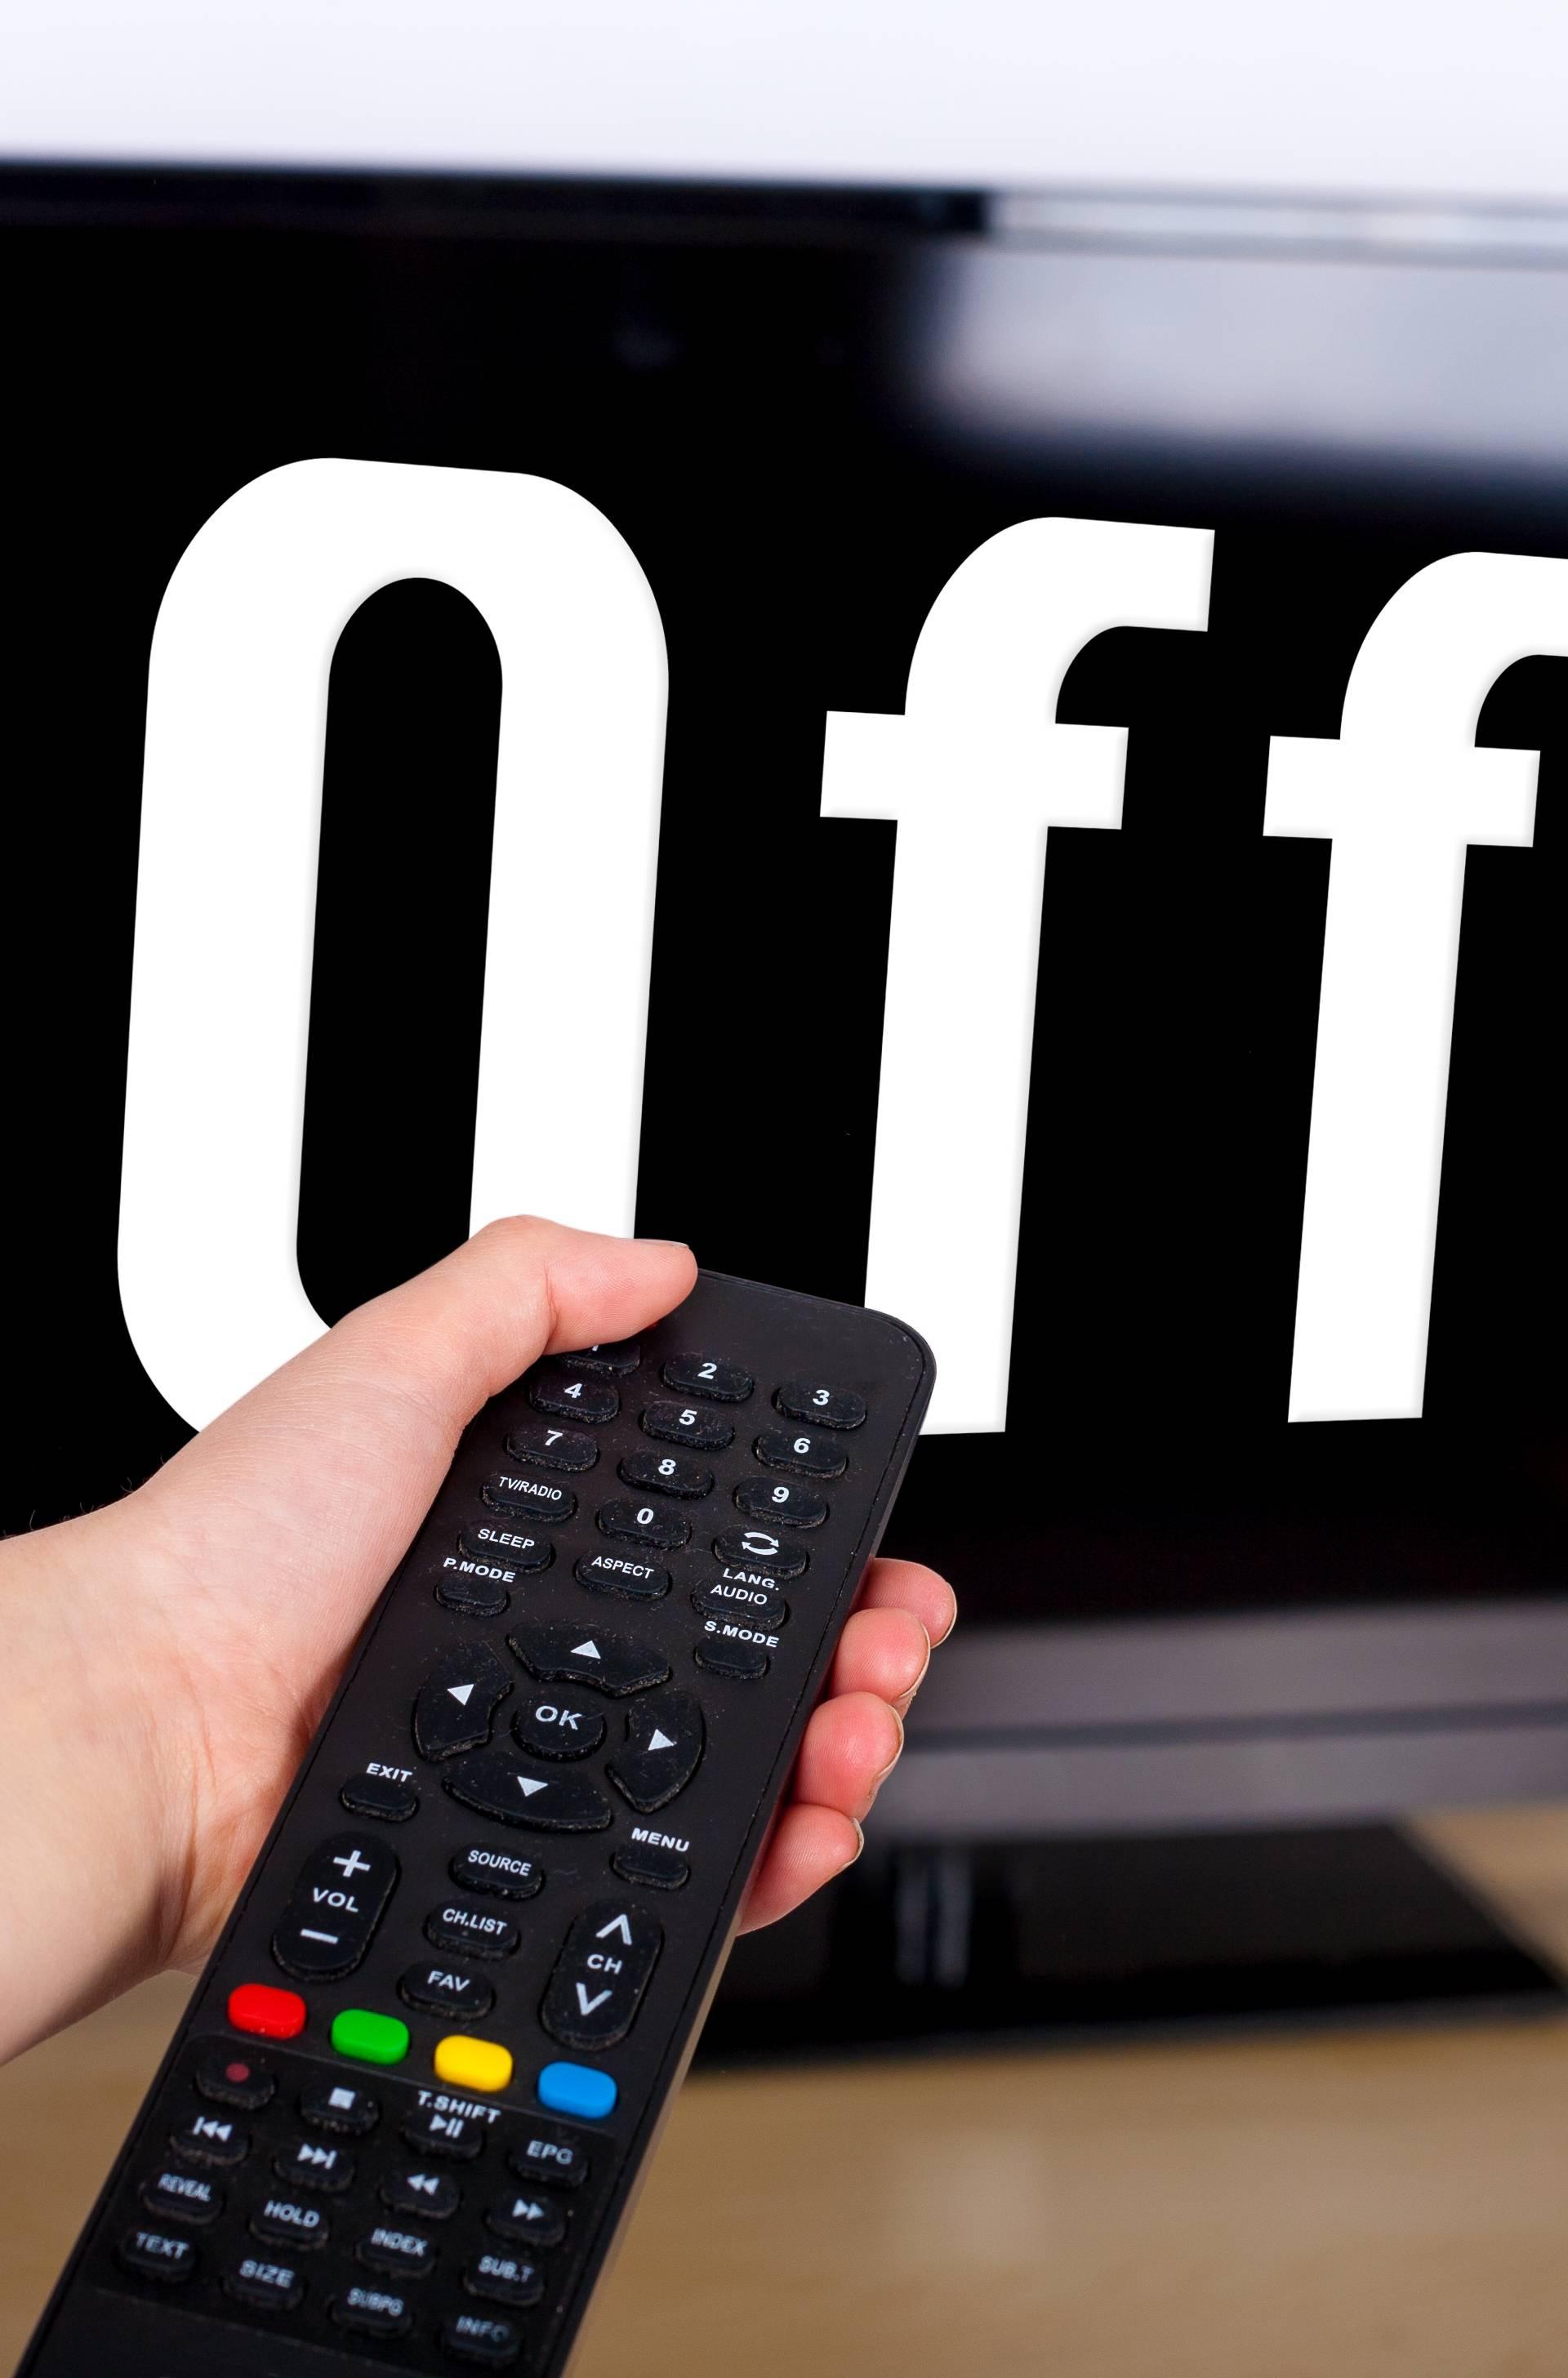 'Gledajte TV manje od dva sata na dan i bit ćete puno zdraviji'